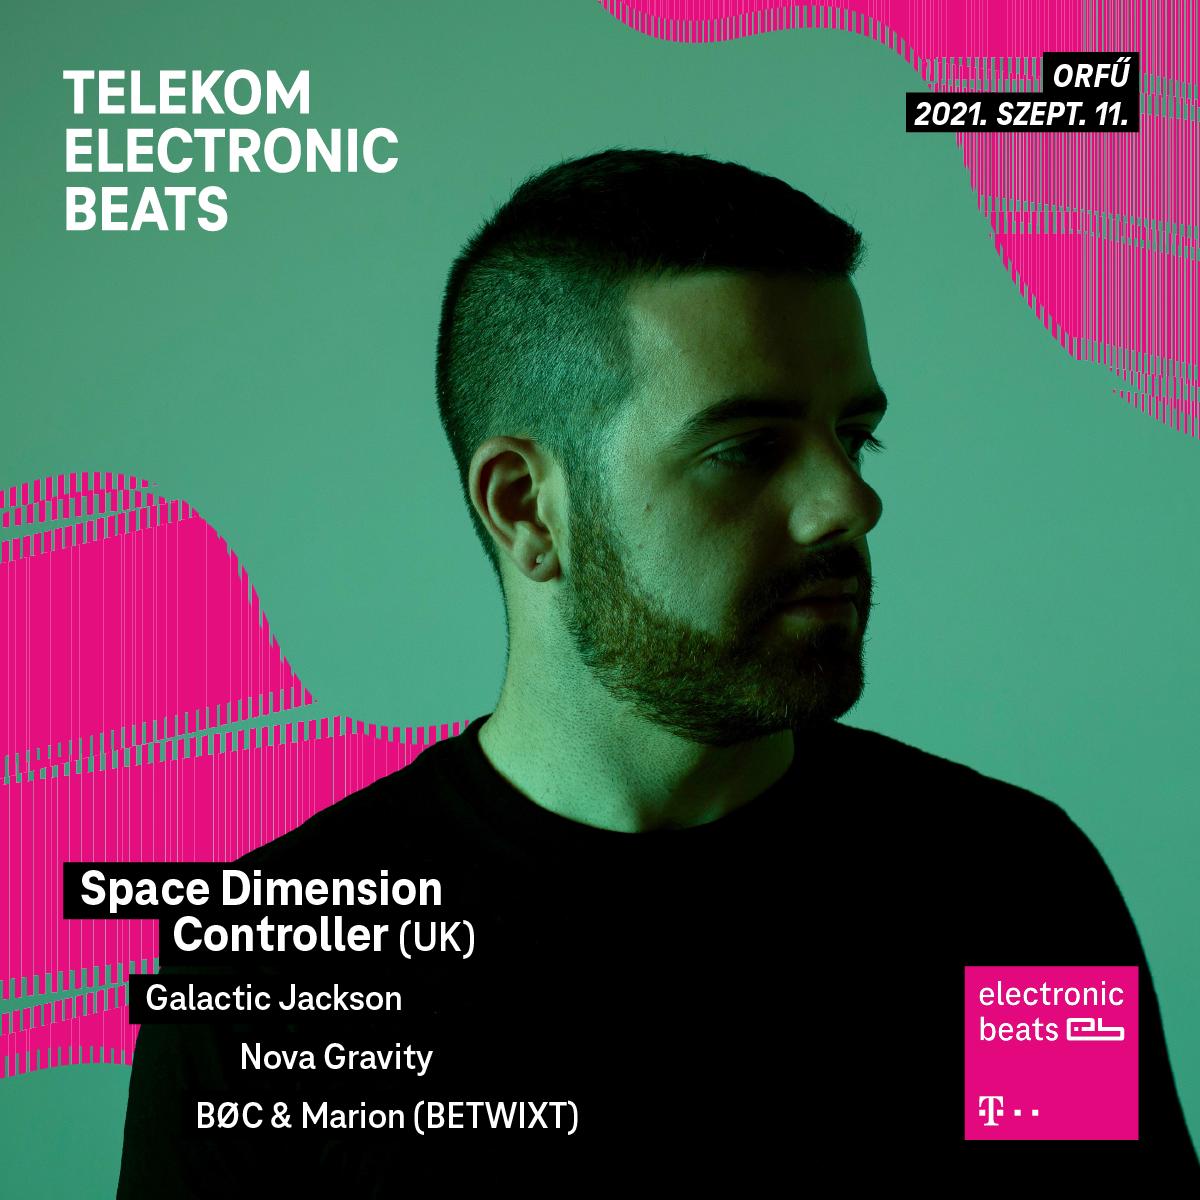 Kozmikus nyárzáró bulit visz Orfűre a Telekom Electronic Beats